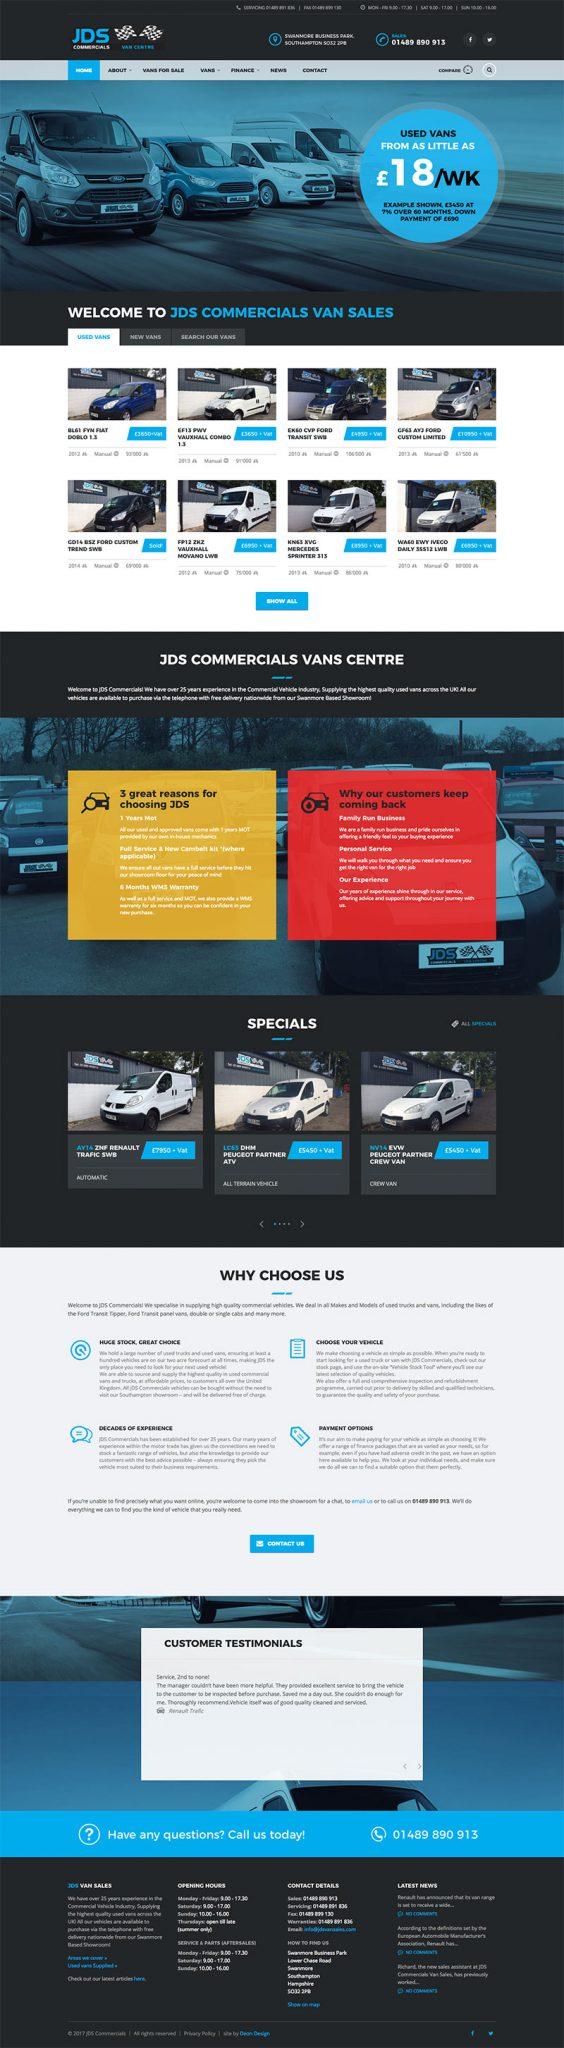 website-design-jds-van-sales-full